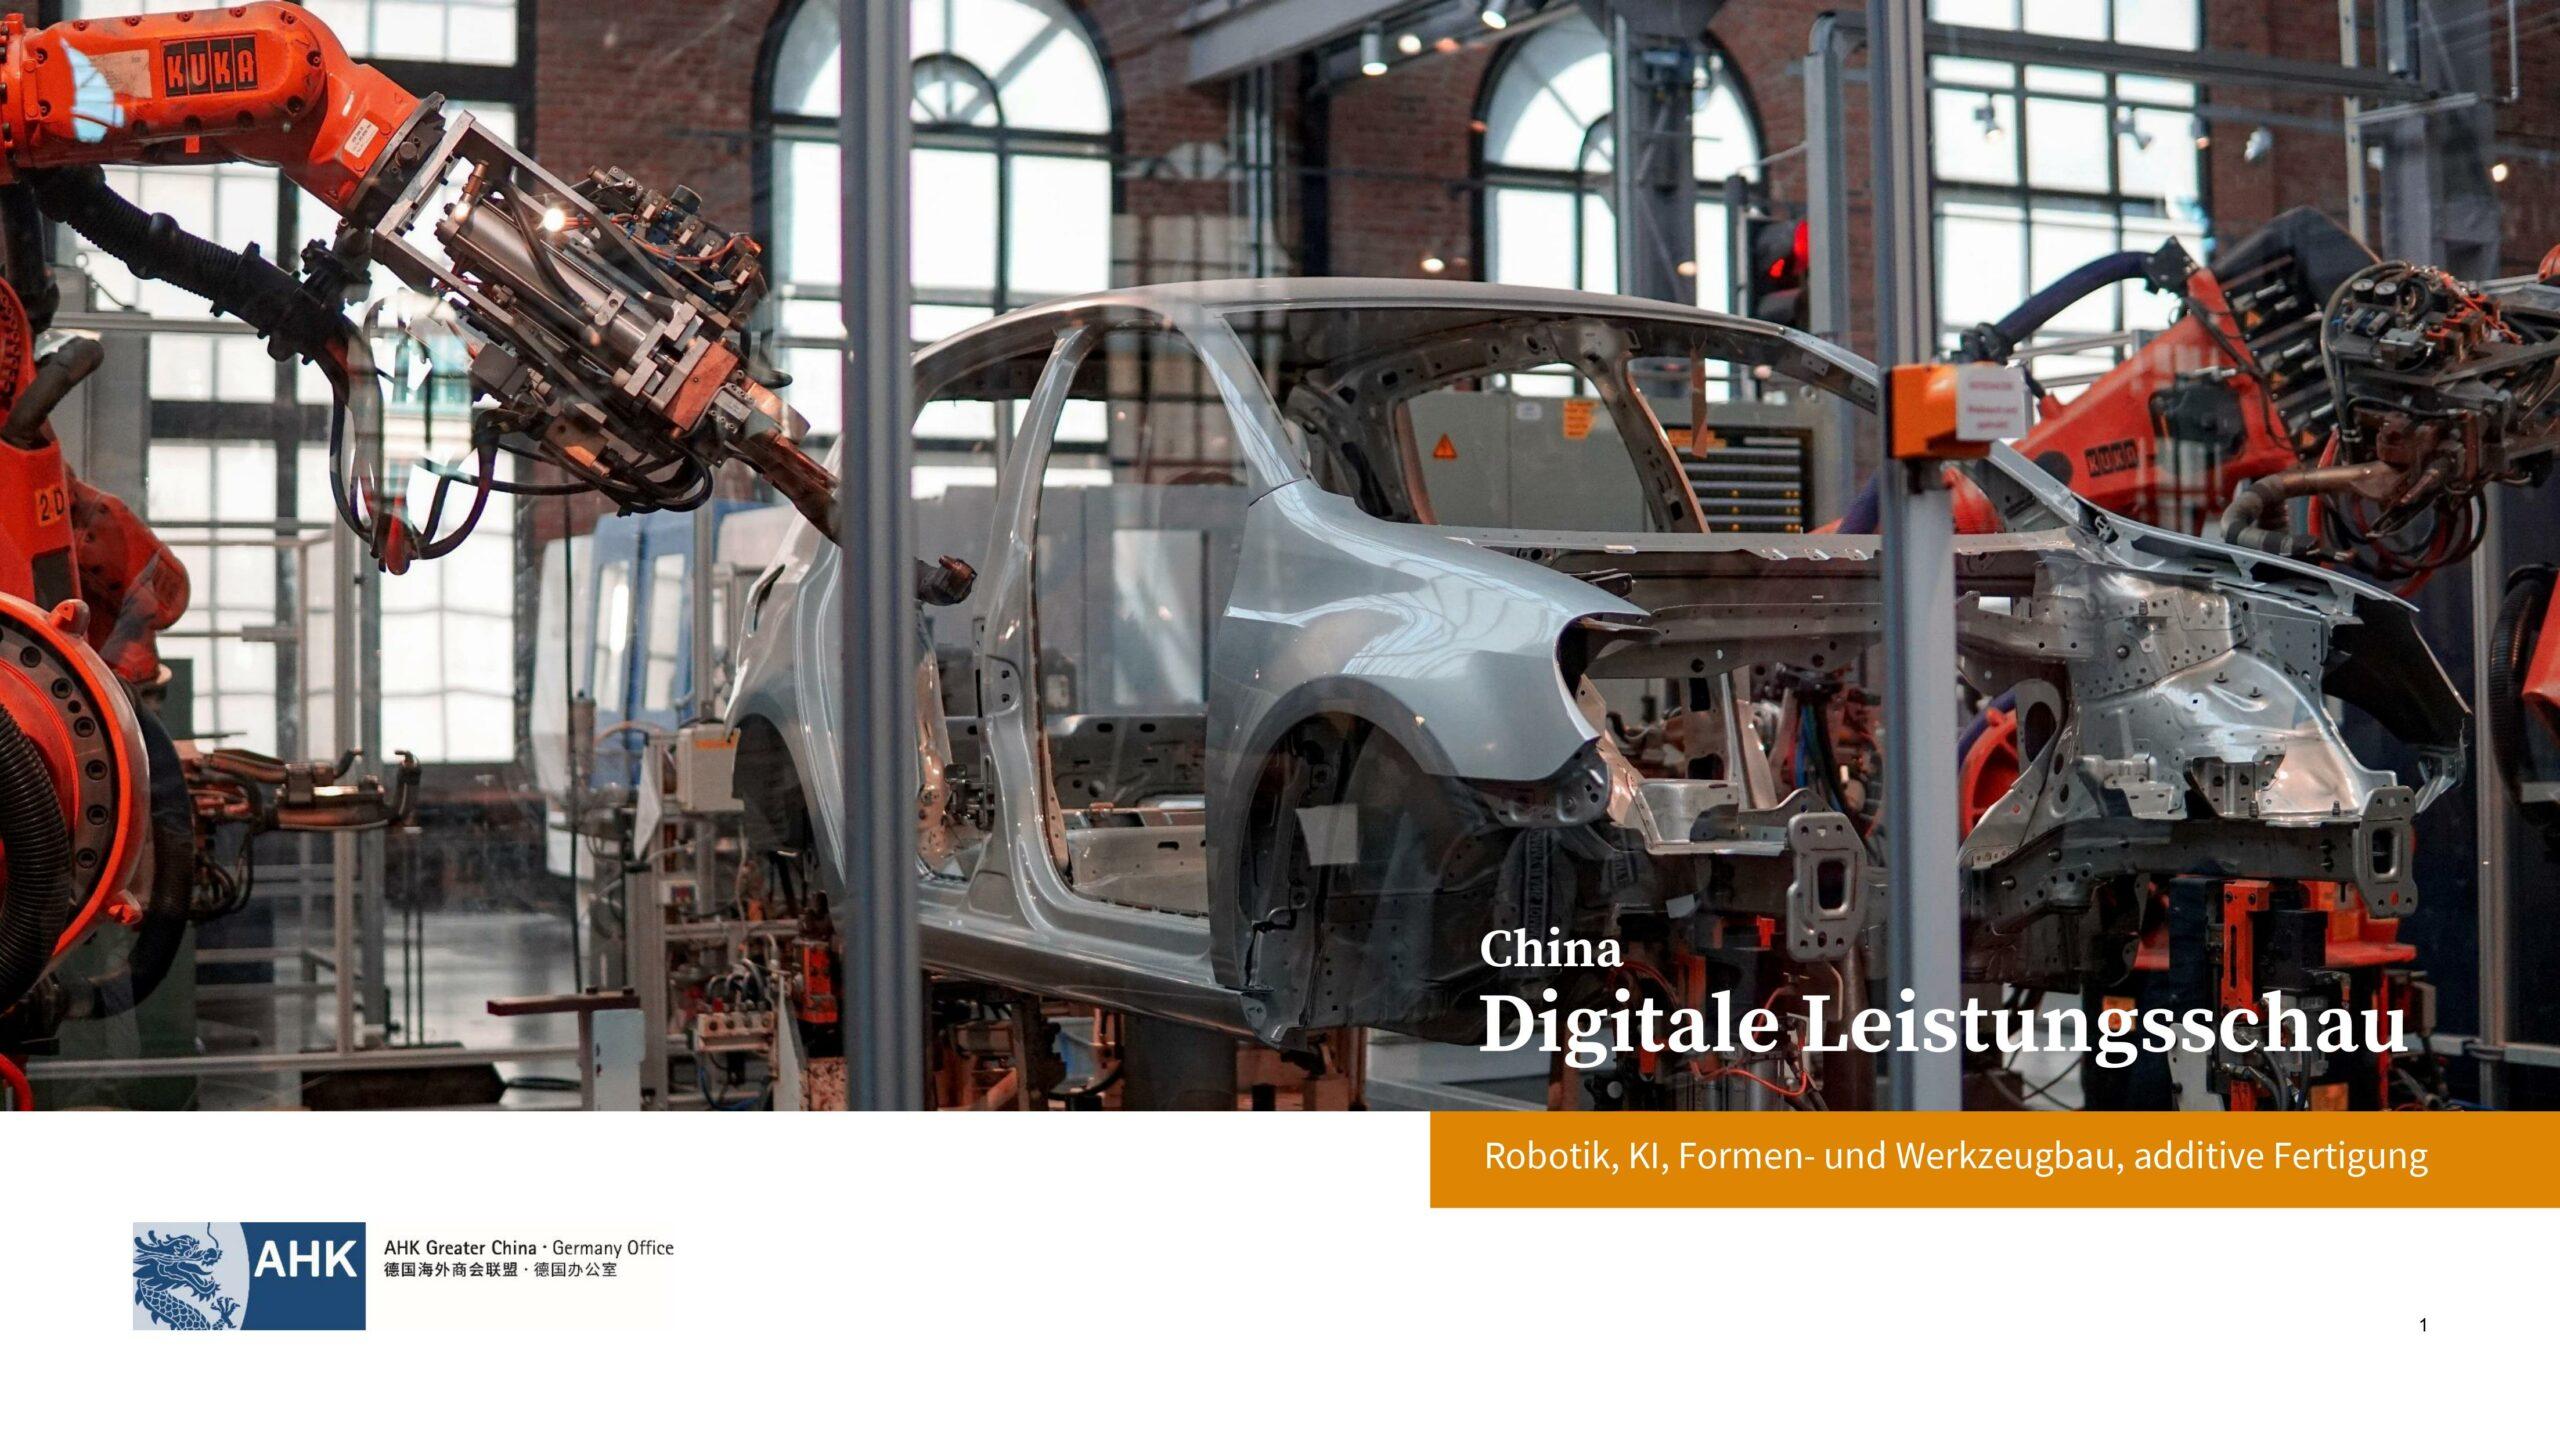 Digitale Leistungsschau China 2020: Robotik, Künstliche Intelligenz, Werkzeug- und Formenbau und additive Fertigungsverfahren.